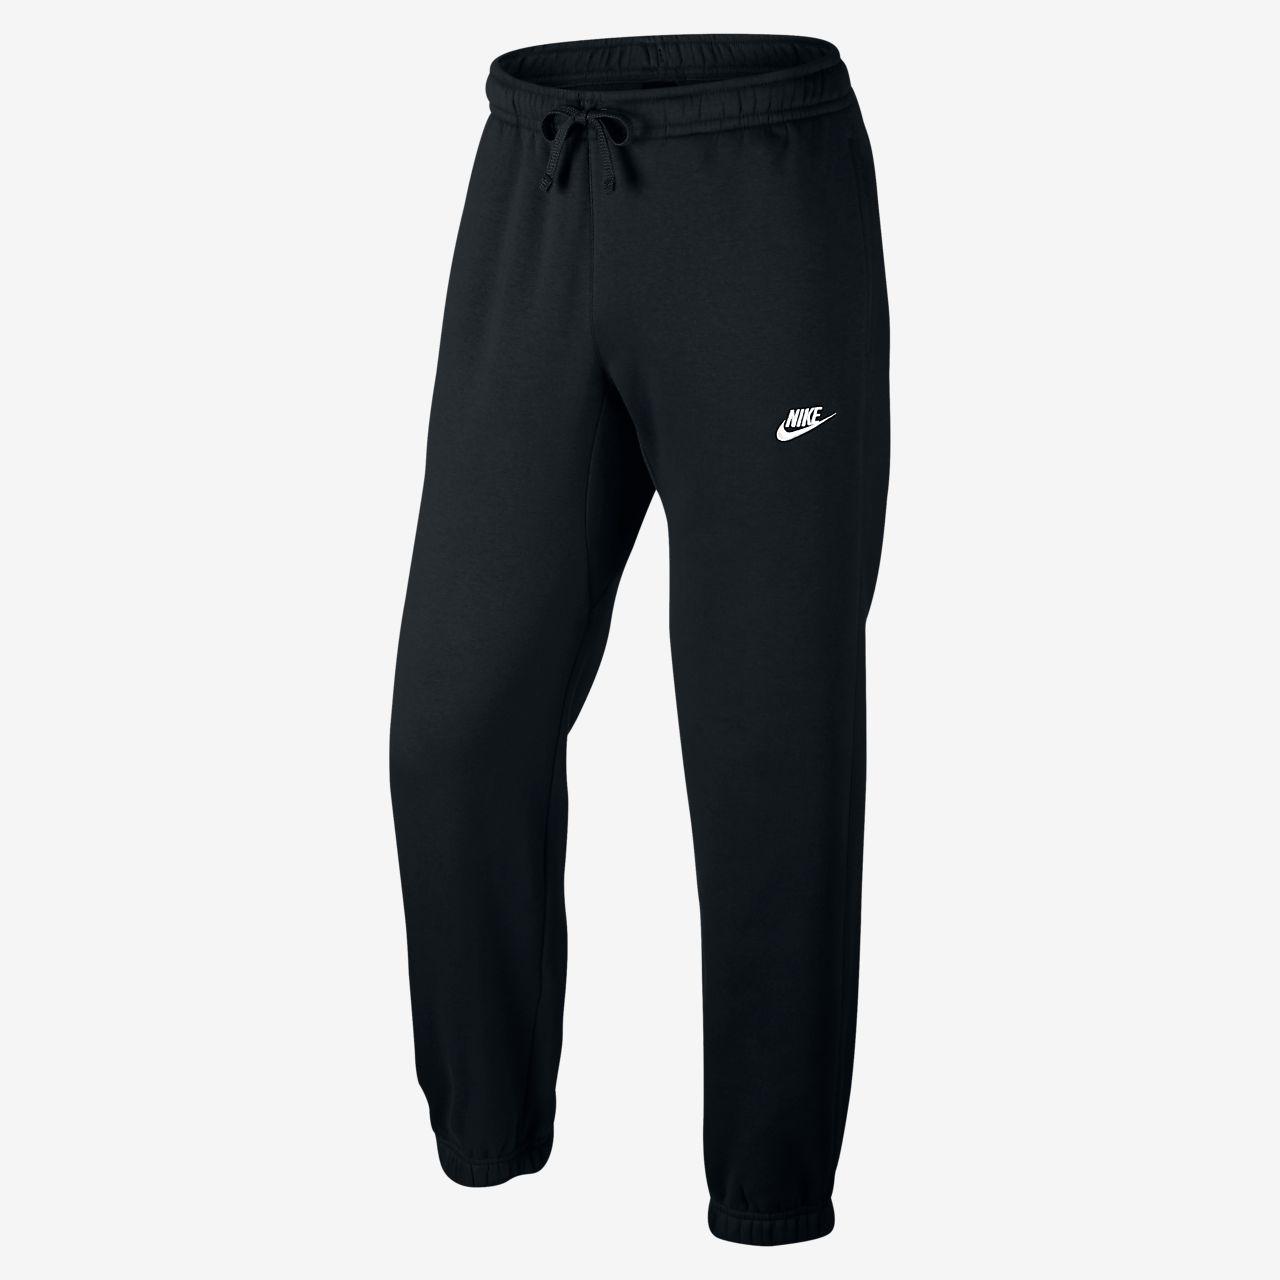 Nike Sportswear Standart Kesimli Yünlü Erkek Eşofman Altı